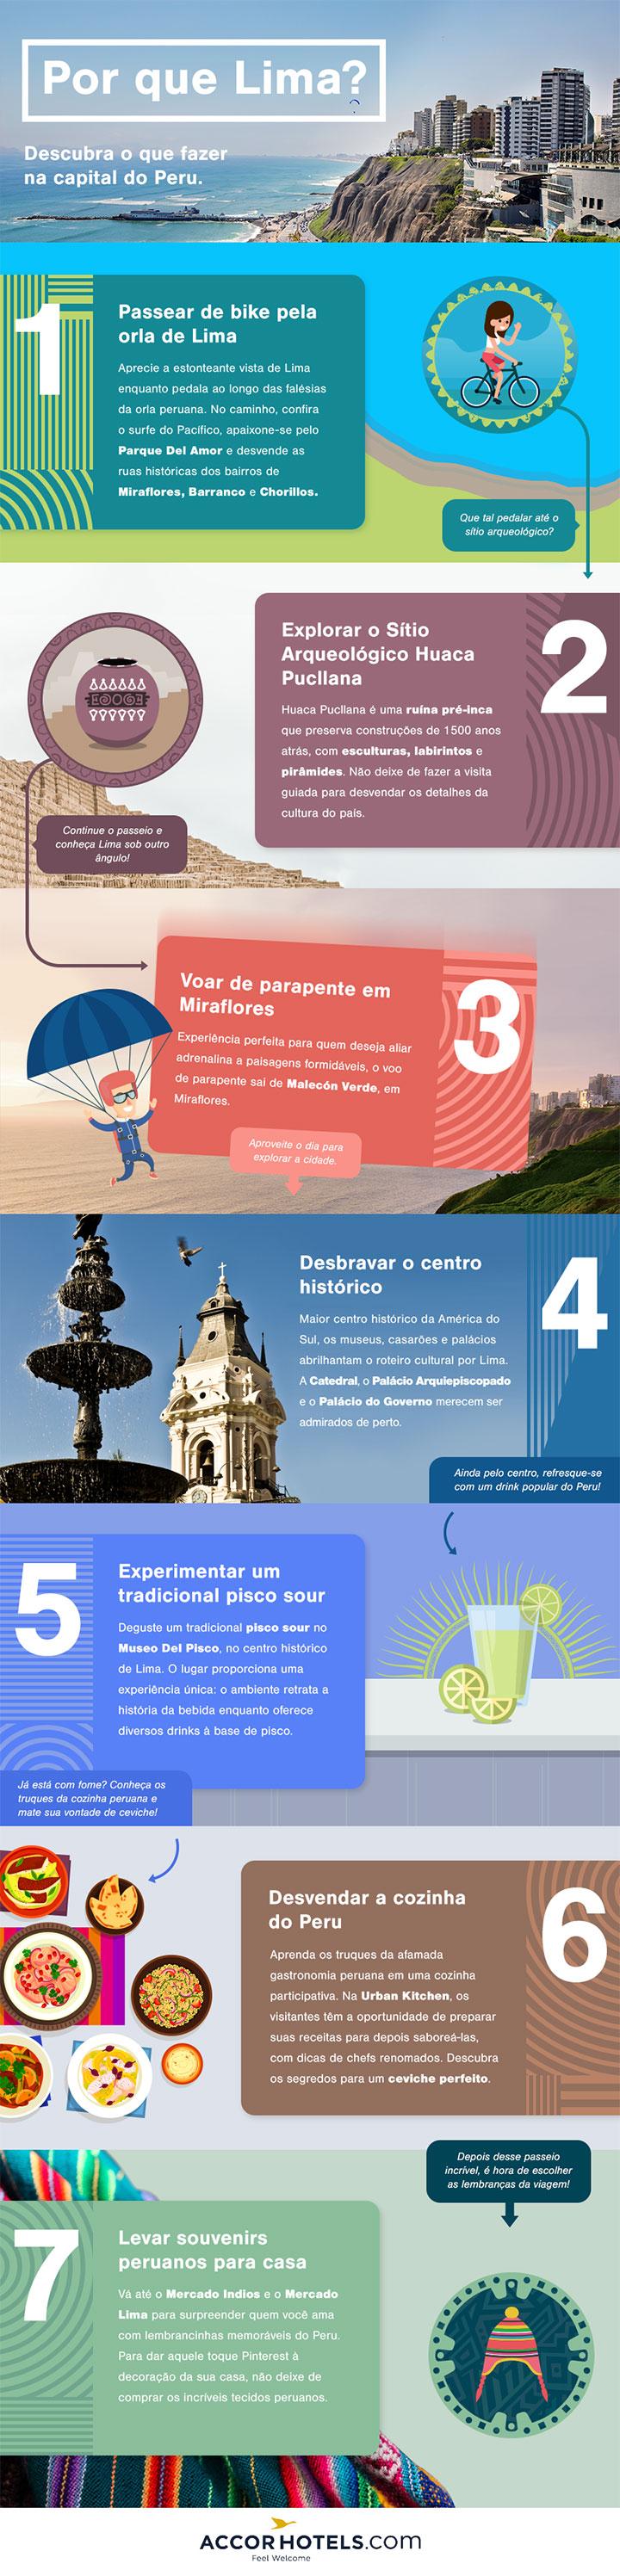 Infográfico com dicas do que fazer em Lima, no Peru